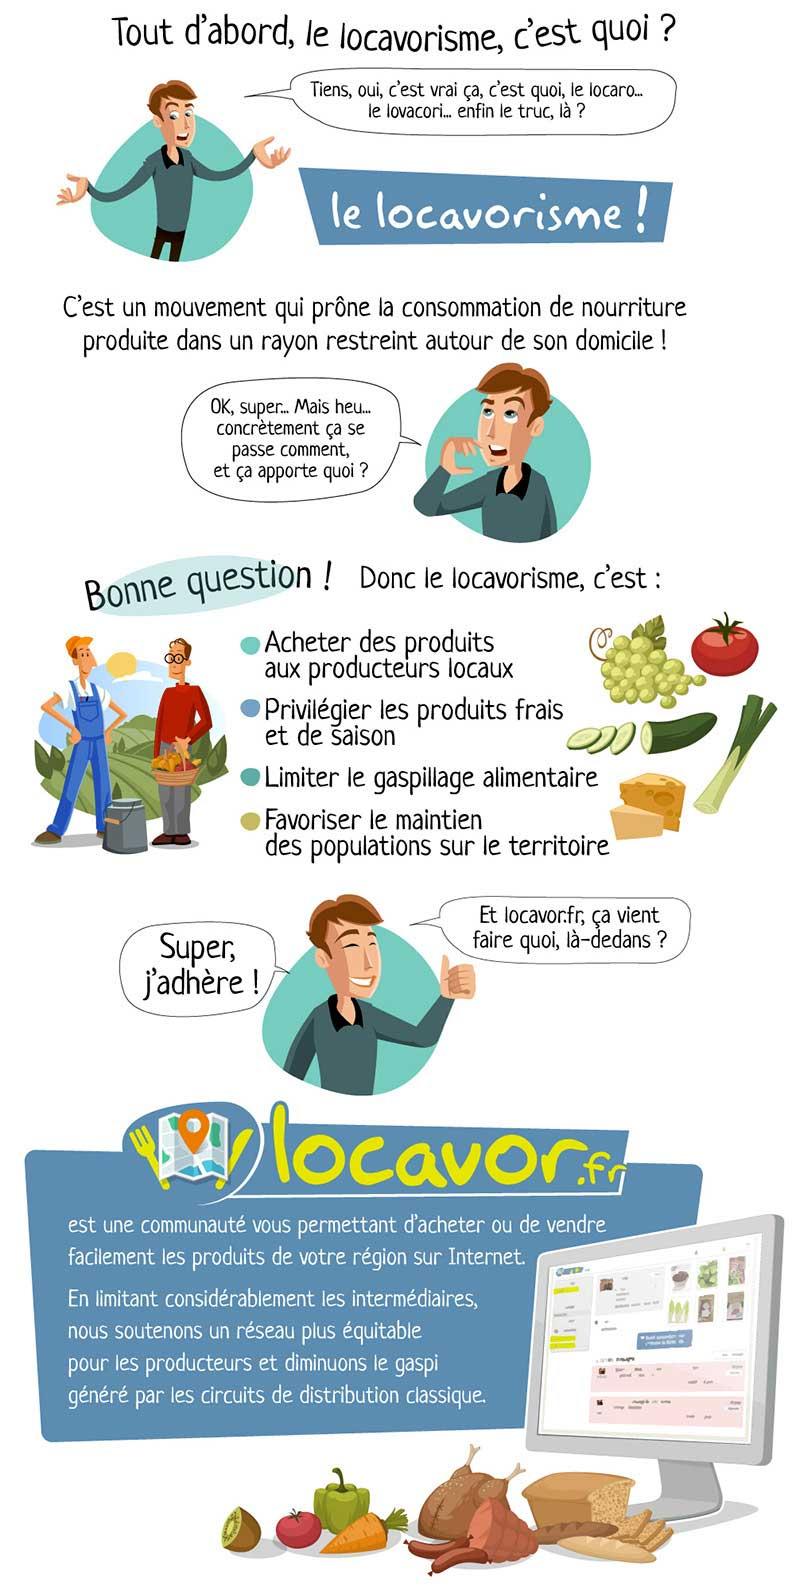 locavor.fr-etre-locavore (1)